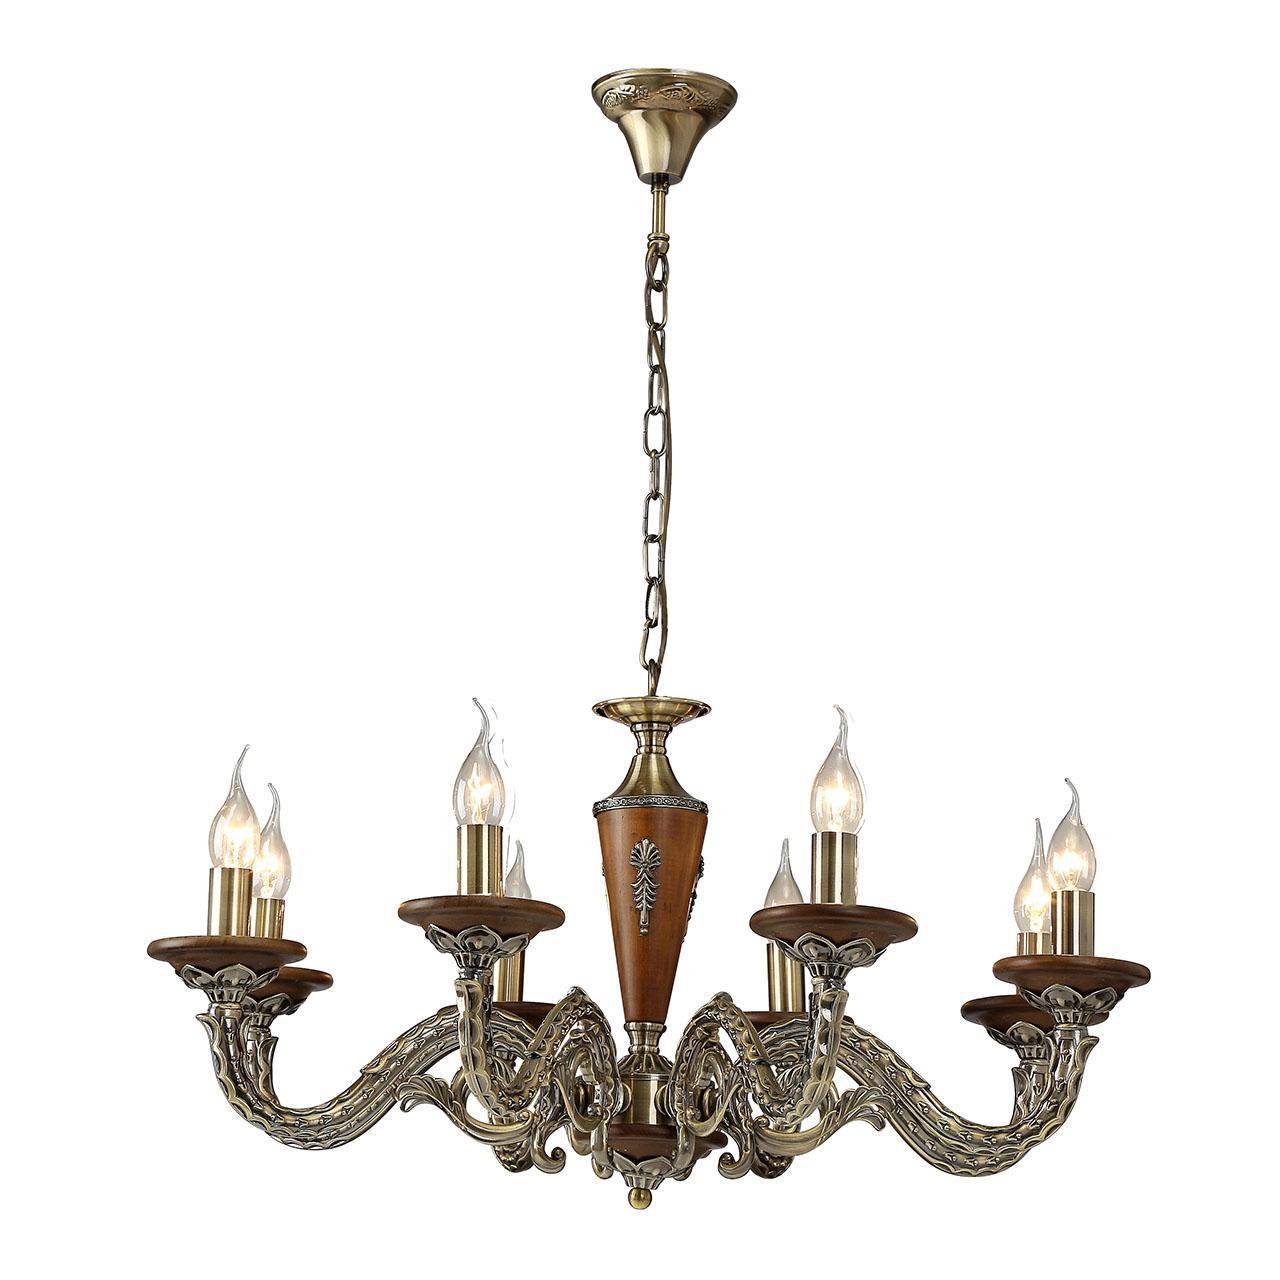 Люстра Arte Lamp Verdi A5603LM-8AB подвесная люстра arte lamp a5603lm 8ab